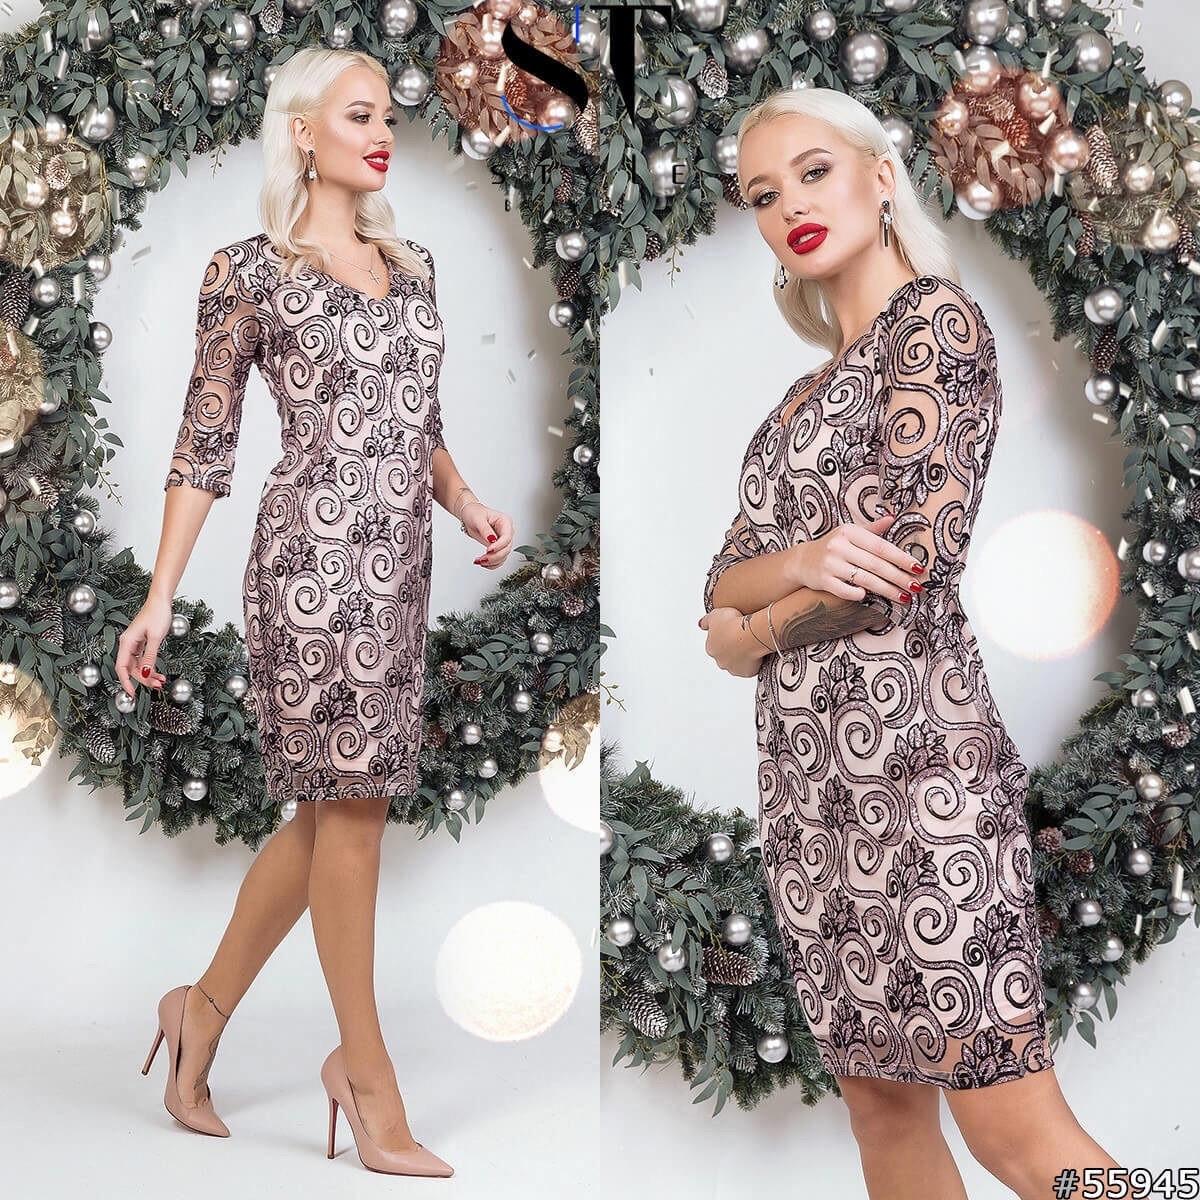 Превосходное платье на Новый год